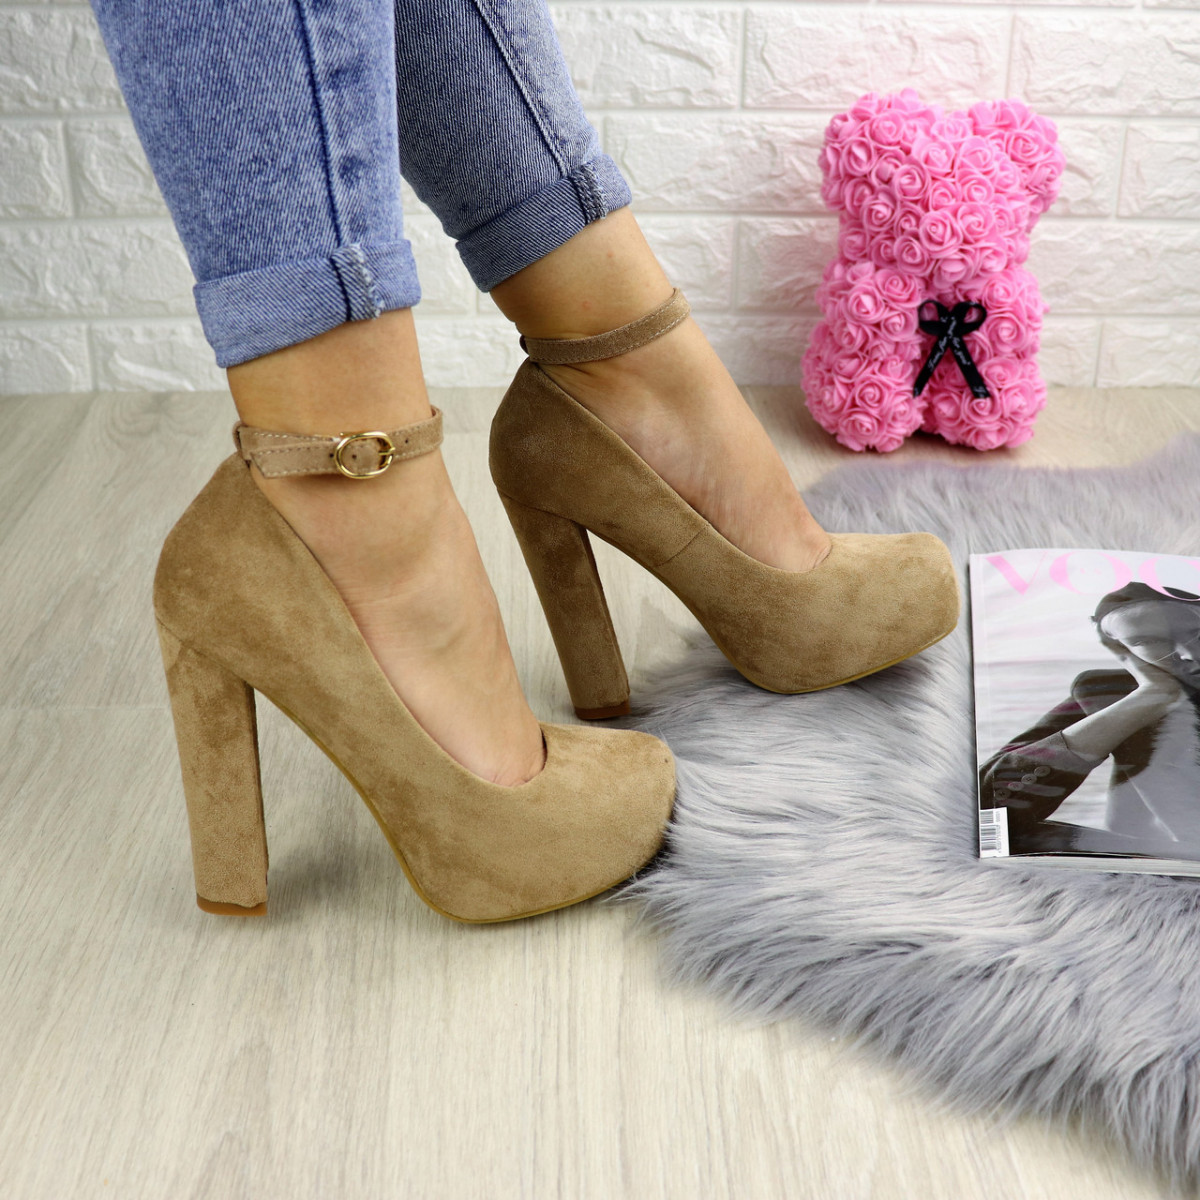 Туфли женские Rich бежевые на каблуках 1241